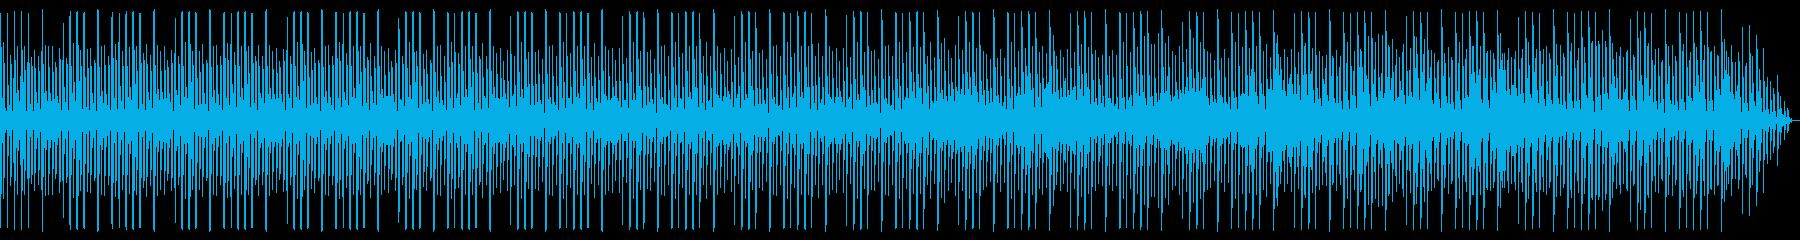 近未来 電子音 テクノ 明るめの再生済みの波形